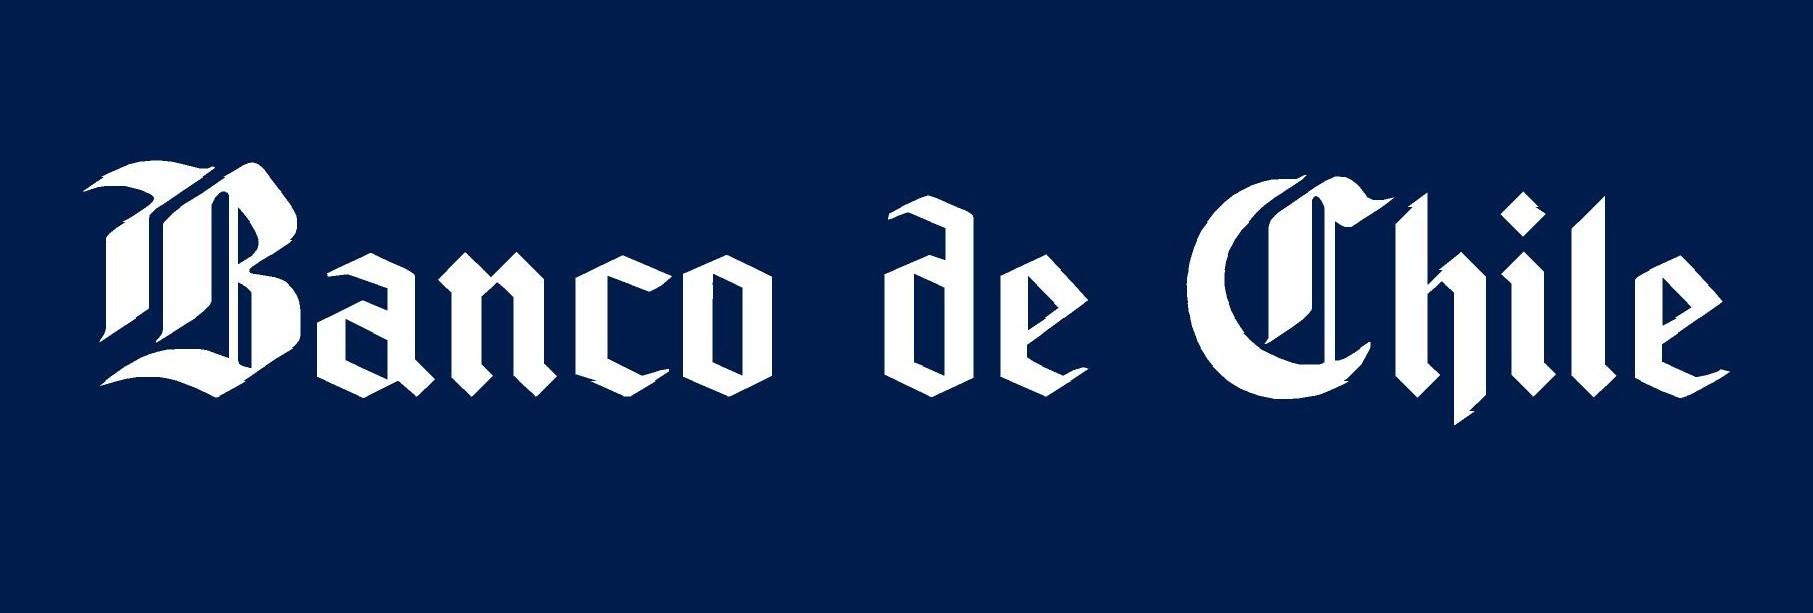 Comparativa créditos: Banco de Chile